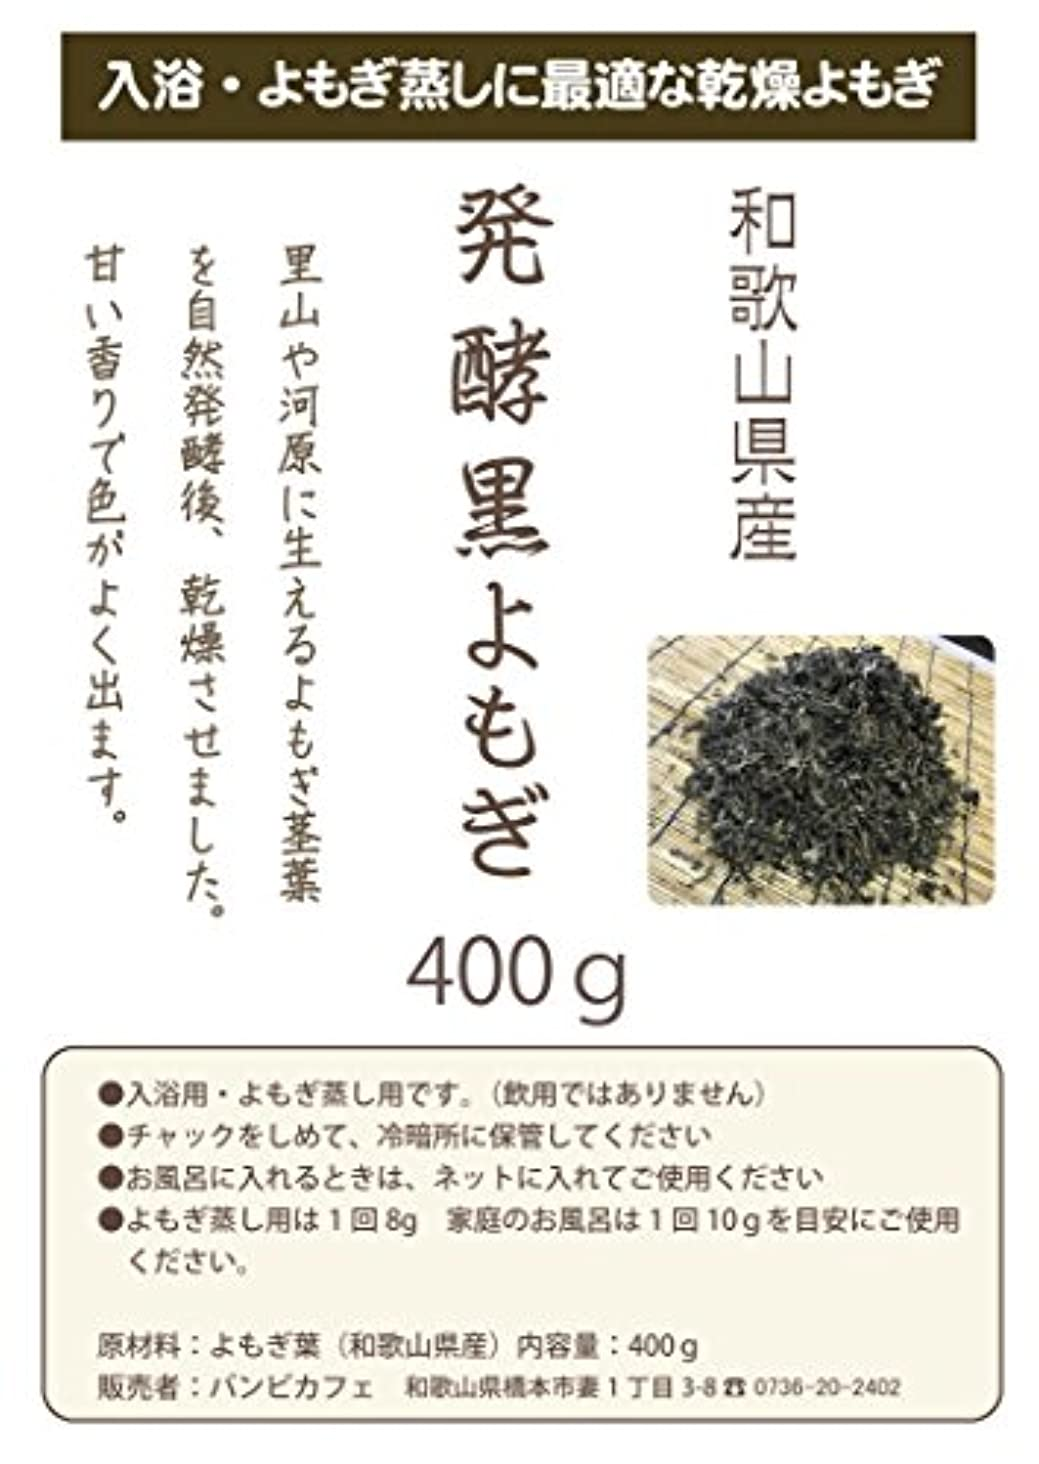 無限提案するスロー発酵黒よもぎ 400g 乾燥 和歌山県産 入浴用に特化発酵 黒 よもぎ